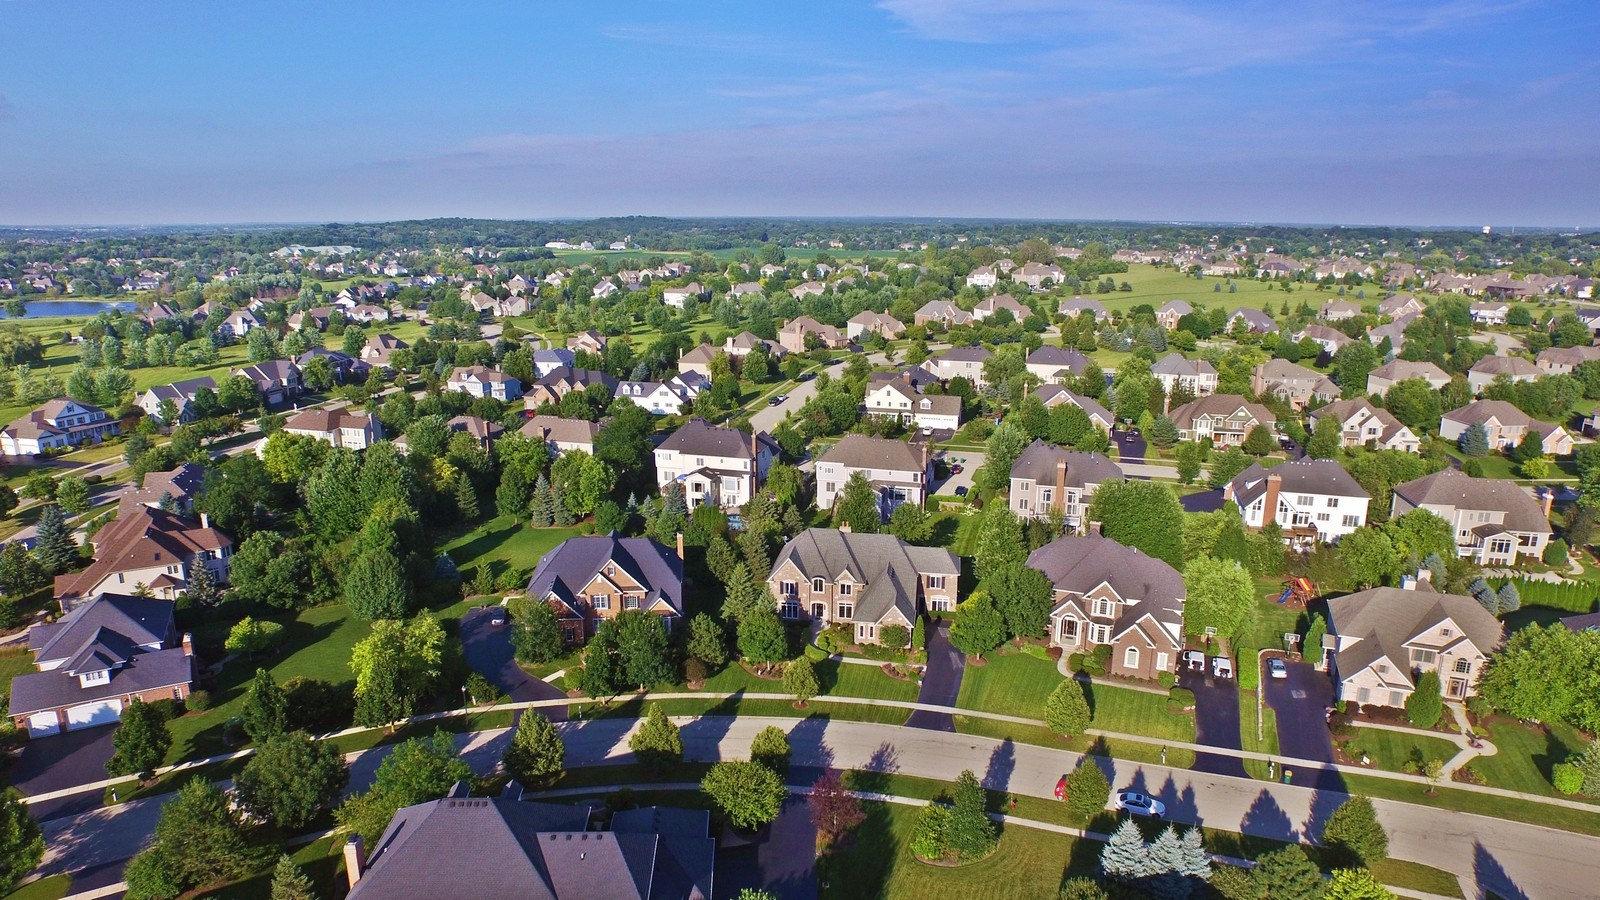 Single Property + Neighborhood